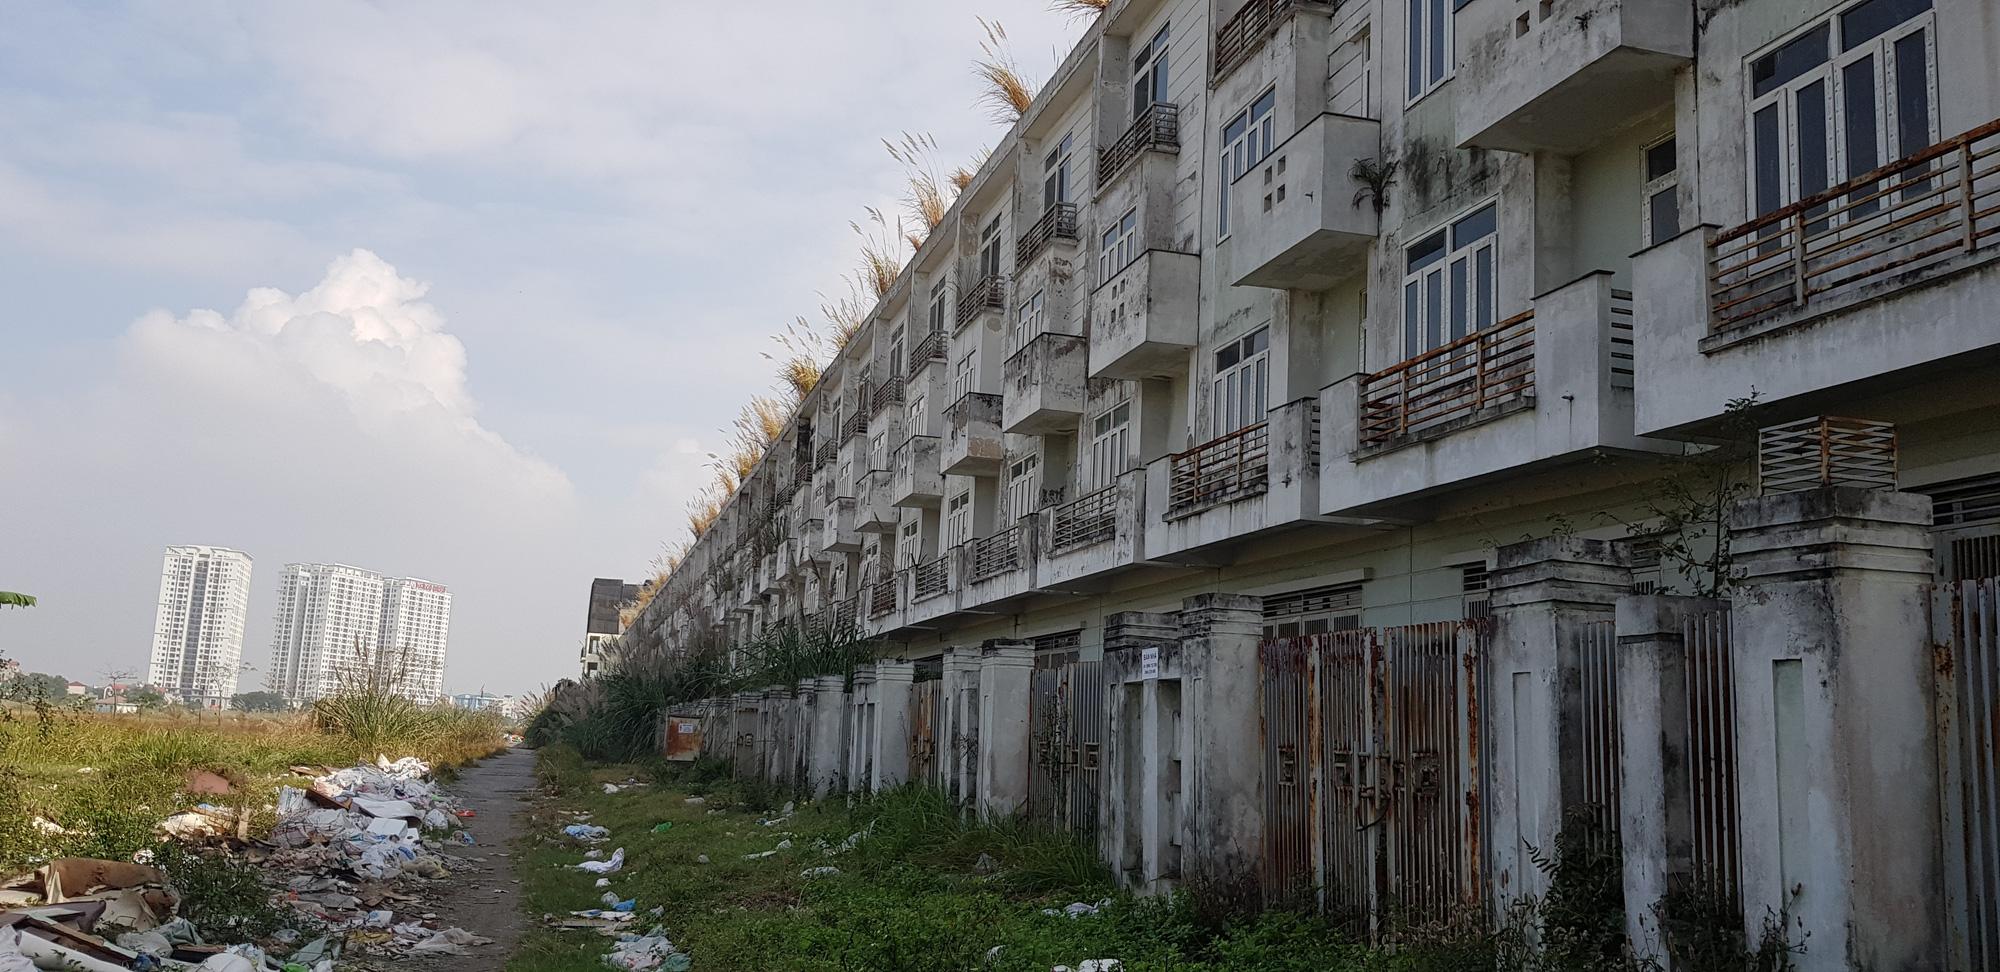 Năm 2020 huyện Hoài Đức thành quận: Liền kề, biệt thự HUD Vân Canh giá vài tỉ đồng để hoang, đón qui hoạch?  - Ảnh 10.